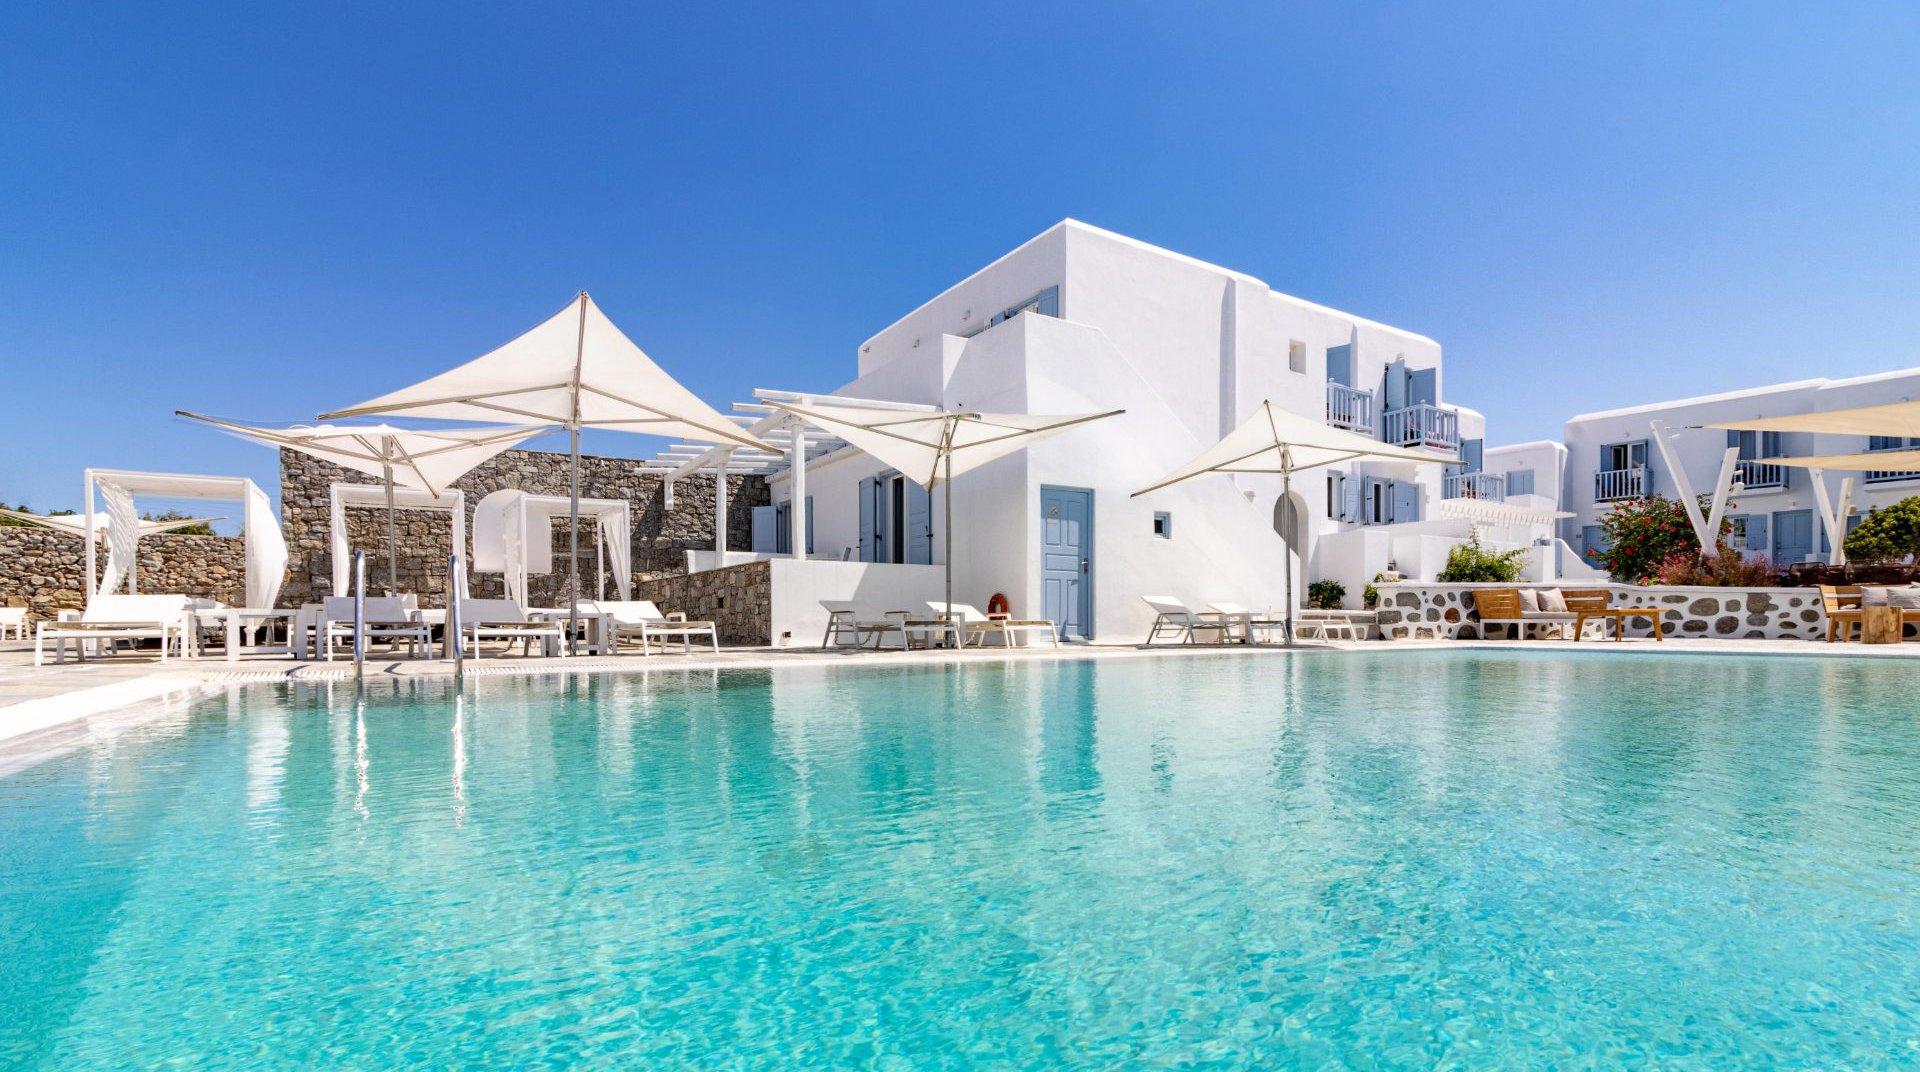 Το Main Section με την πισίνα, το restaurant και τις ξαπλώστρες